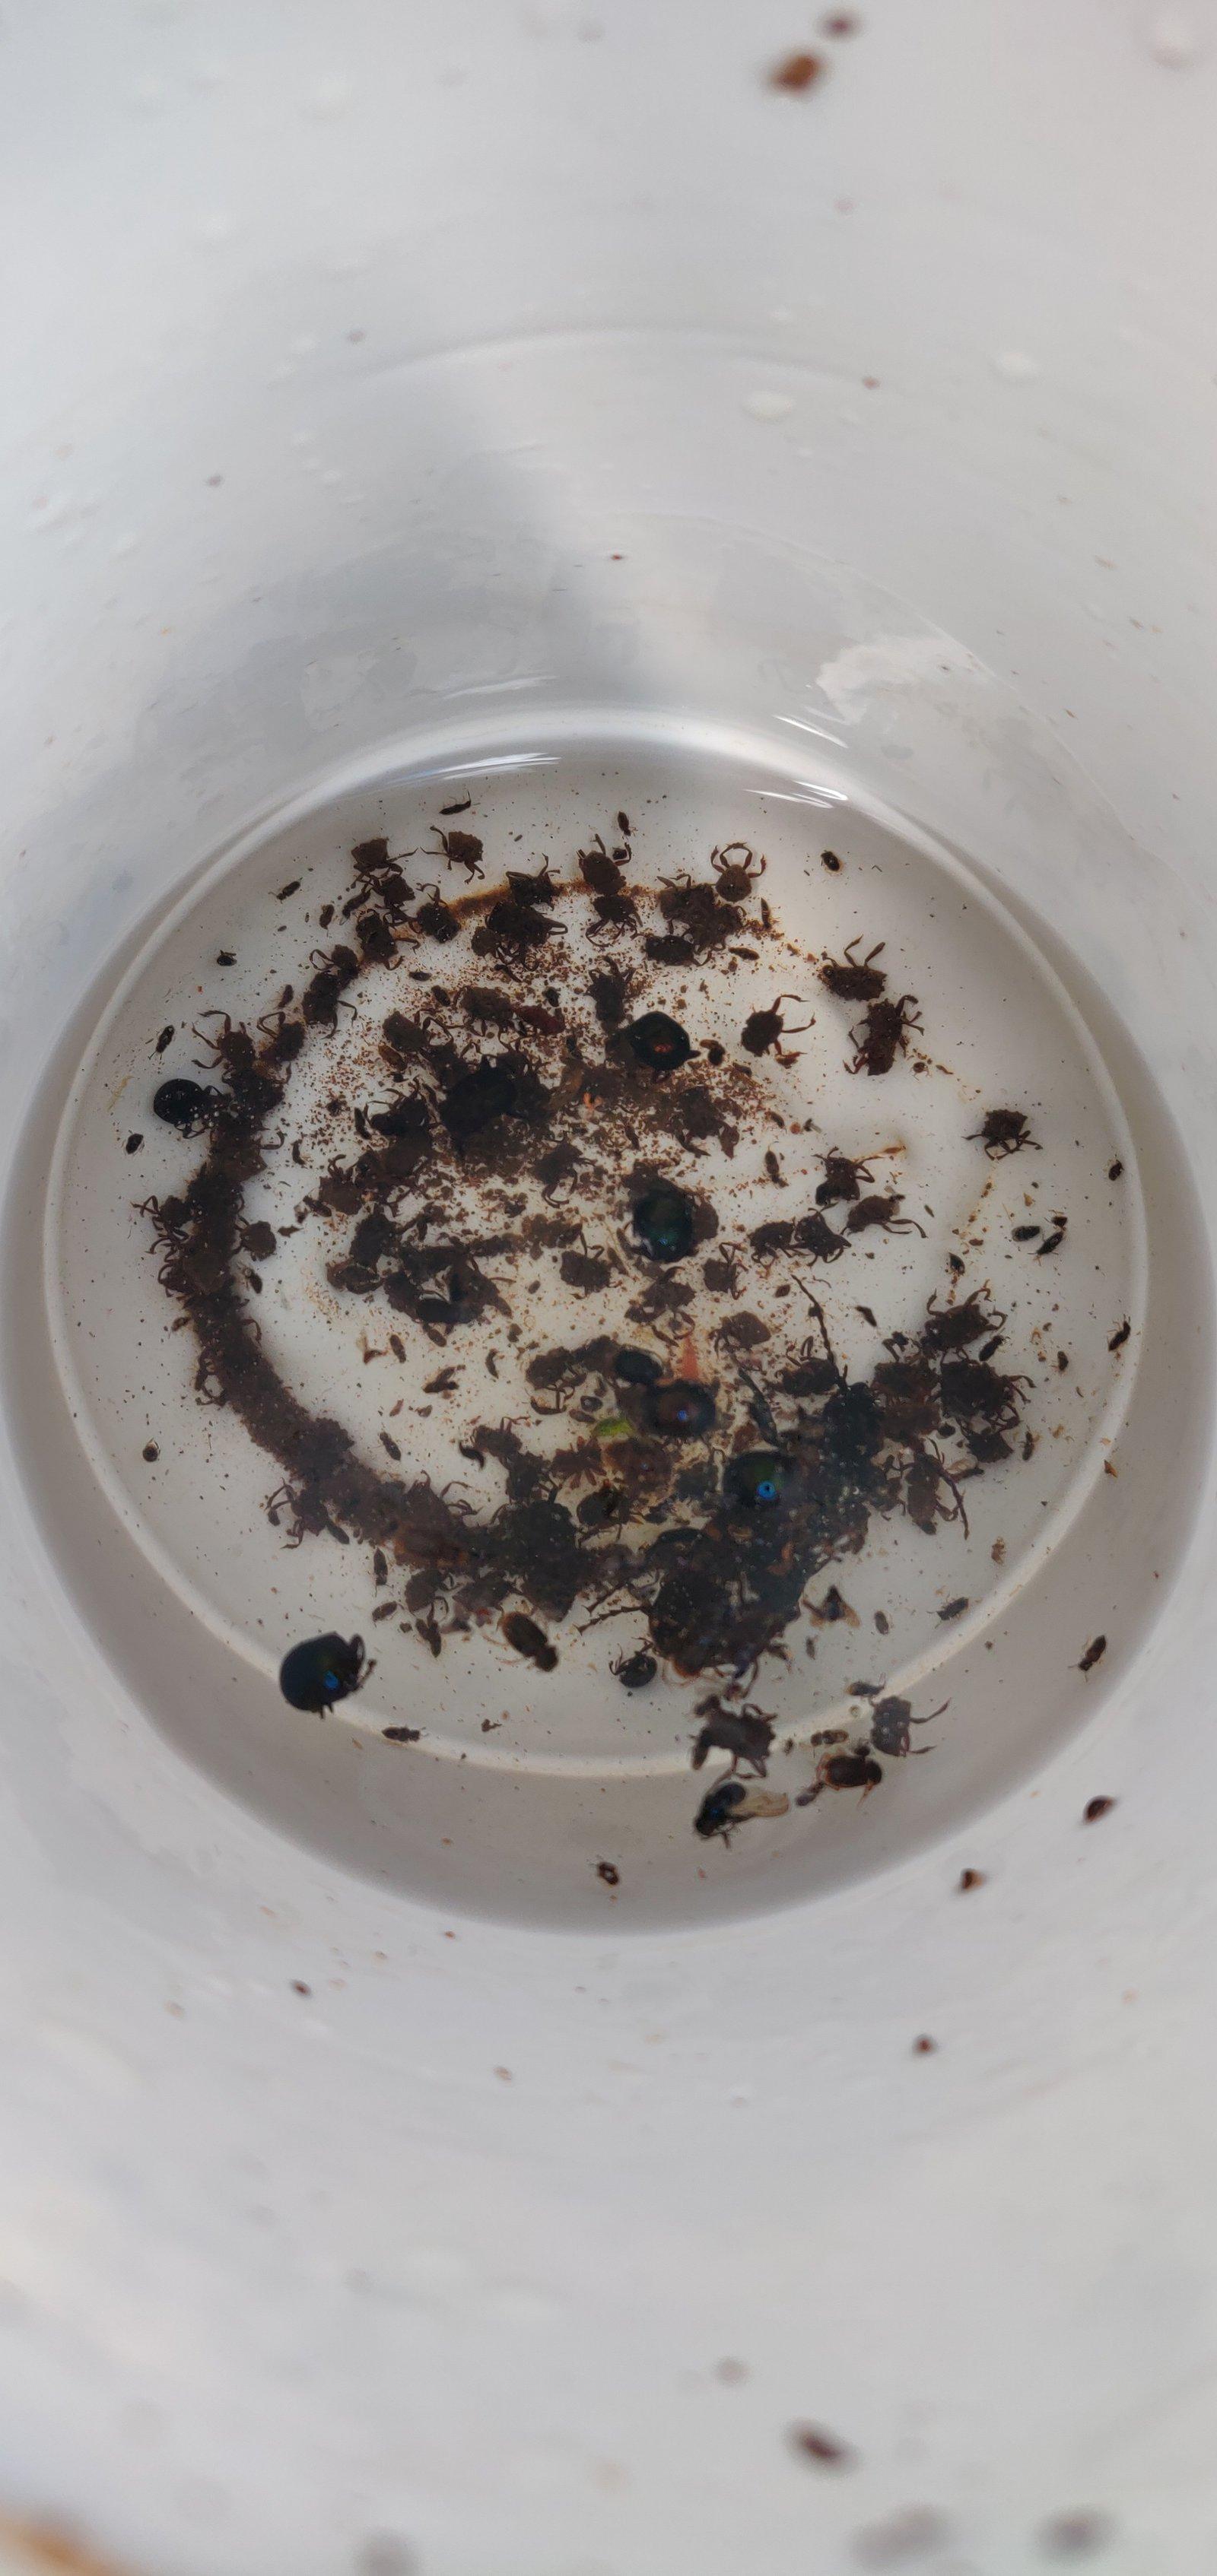 Variety of dung beetles in a trap. Photo by Aidan Runagall-McNaull